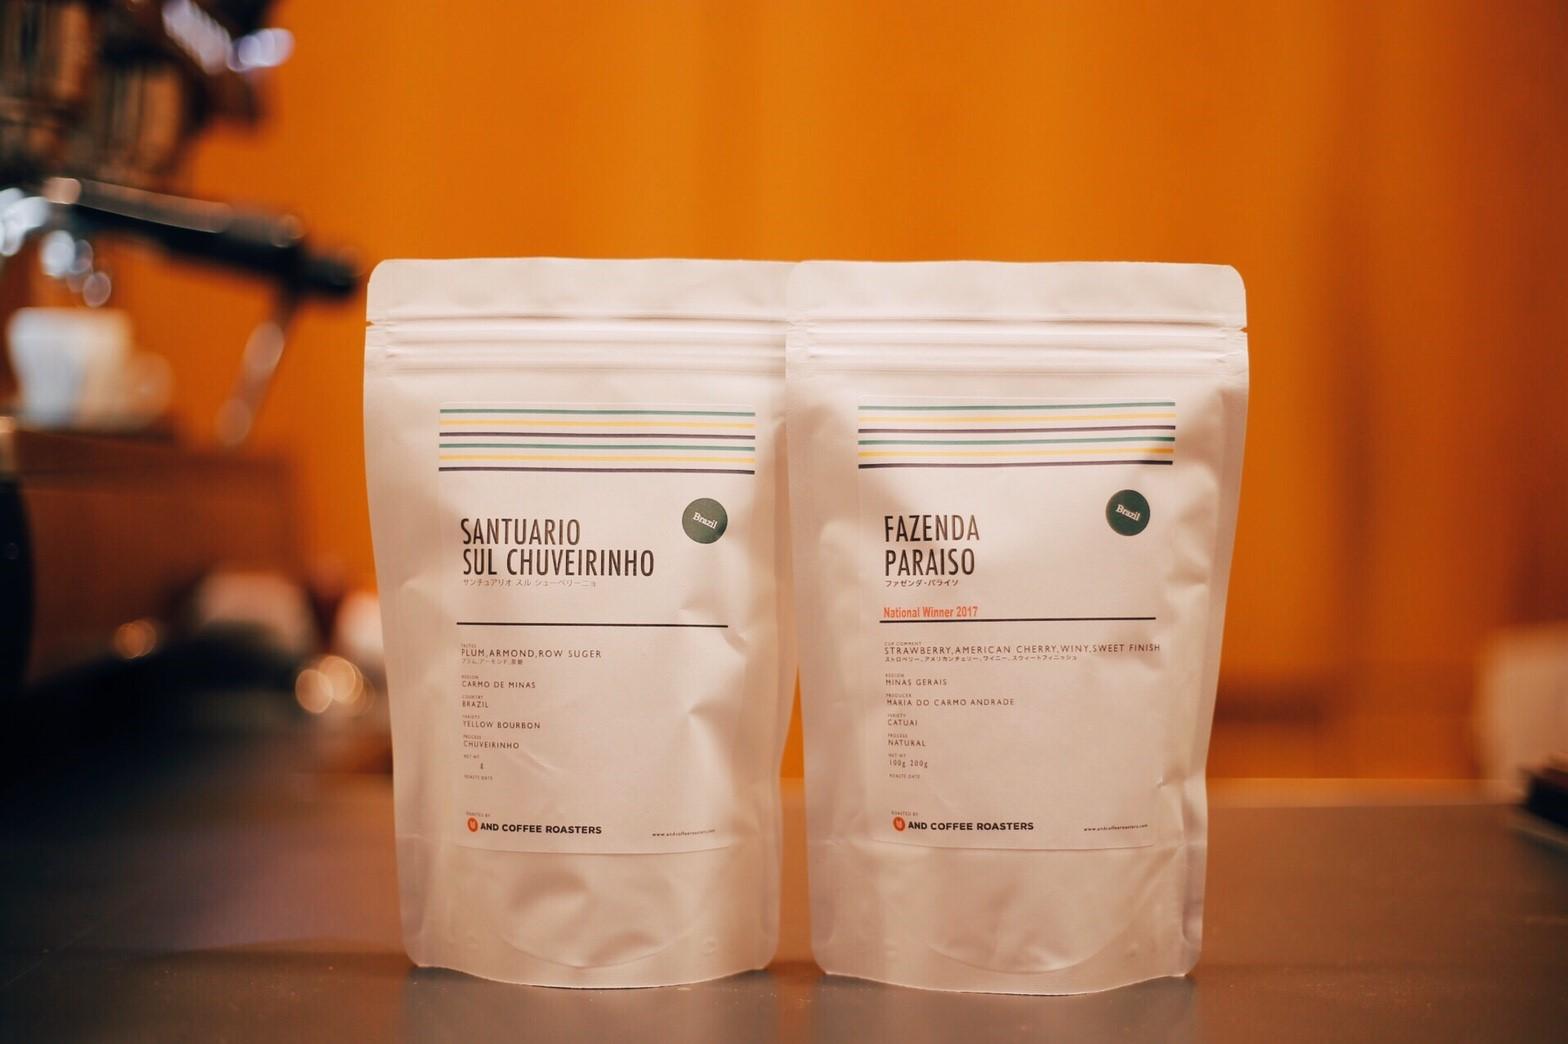 【新入荷】ブラジルから2種類のコーヒーが届きました